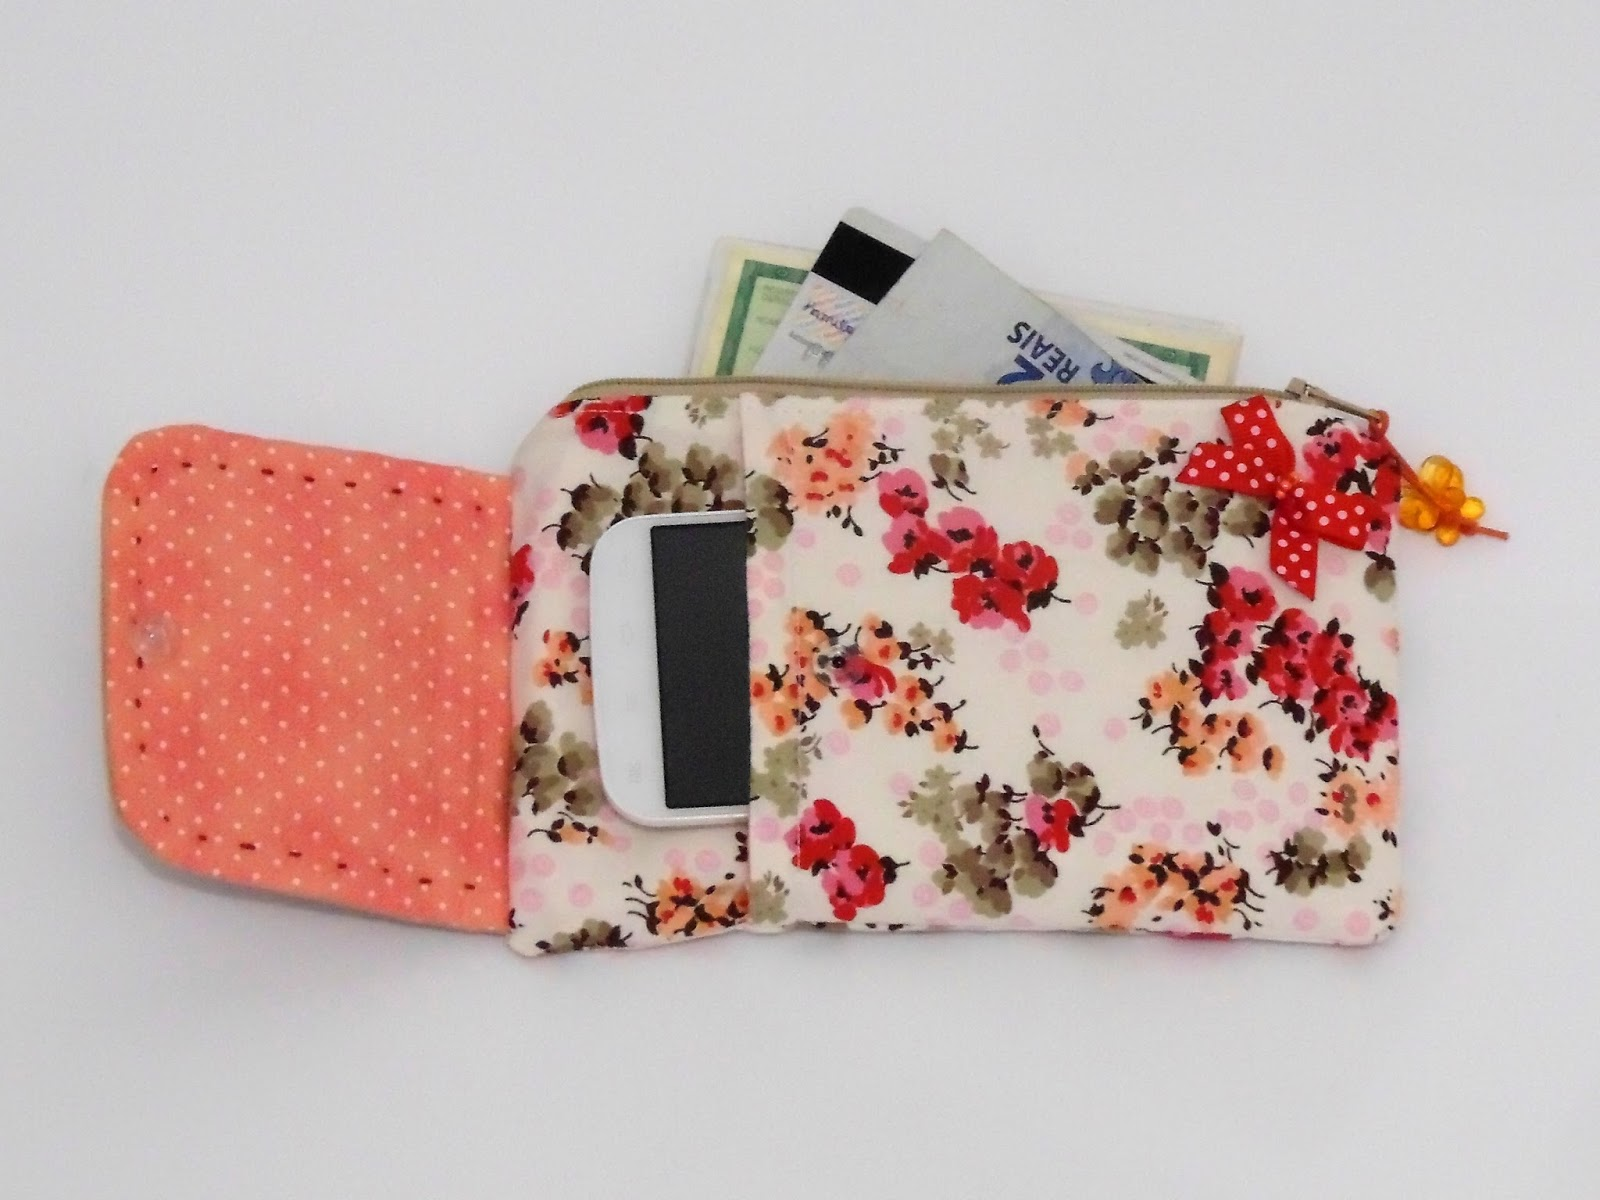 Bolsa Para Carregar Celular No Braço : Artesanato candido artes carteira com porta celular e